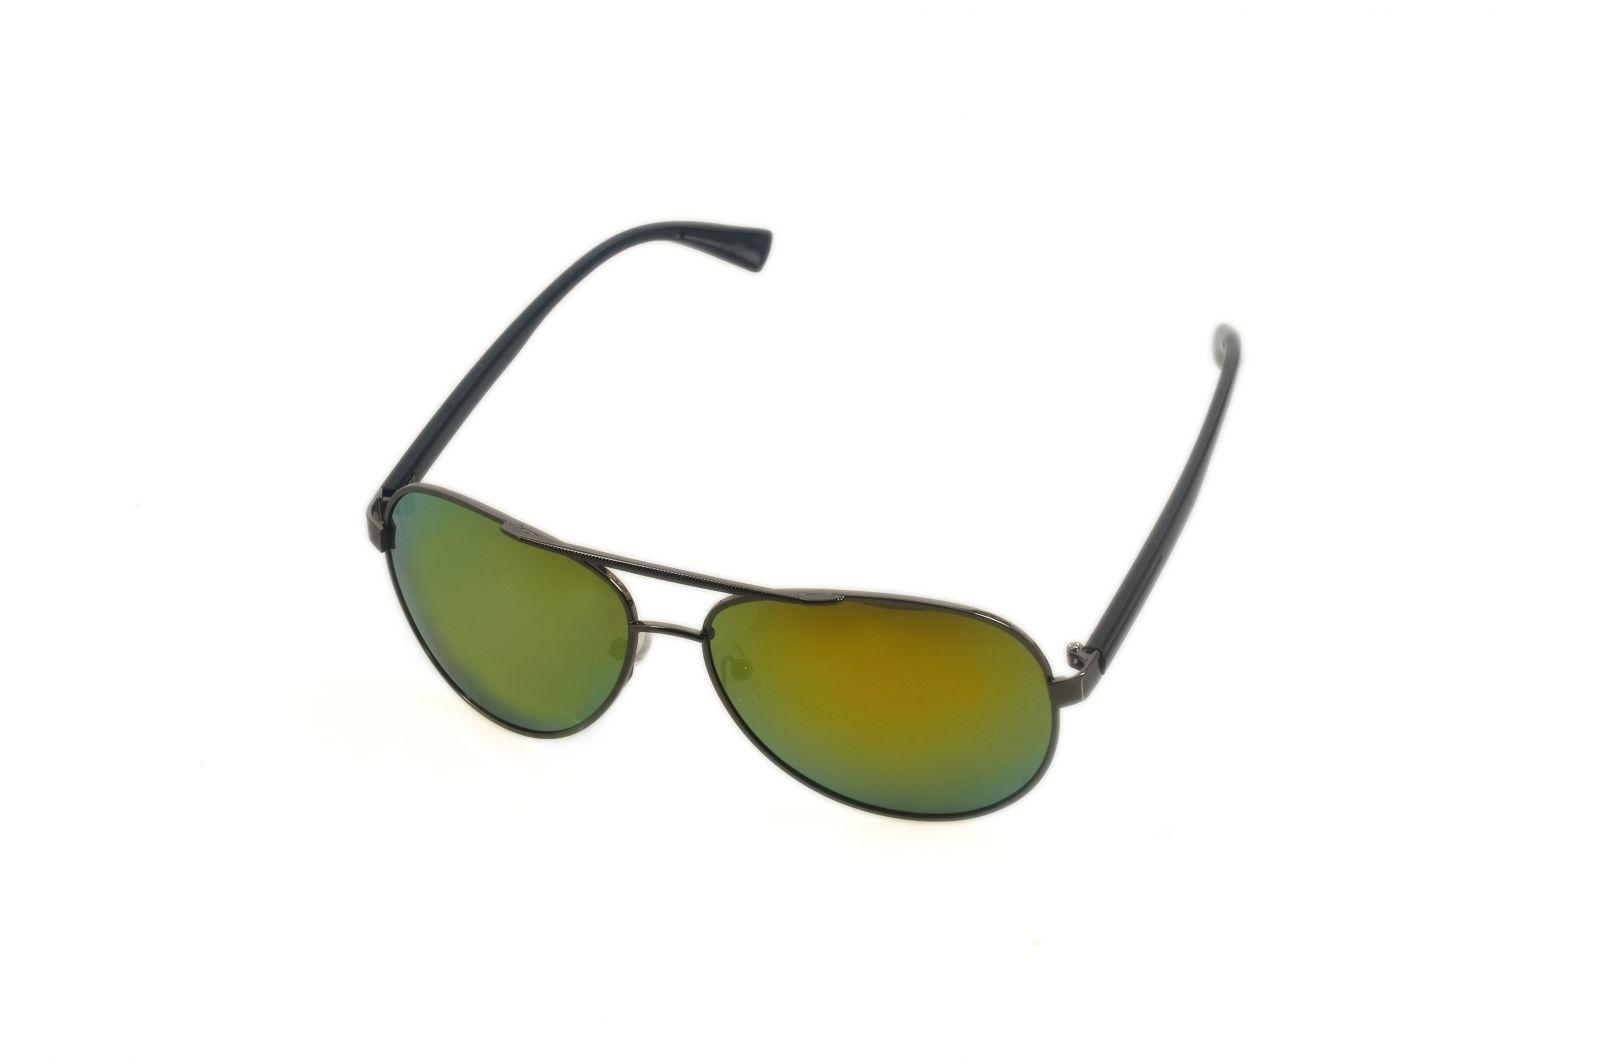 Polarizační brýle 9077 zrcadlová čočka Cat.3 žlutá E-batoh